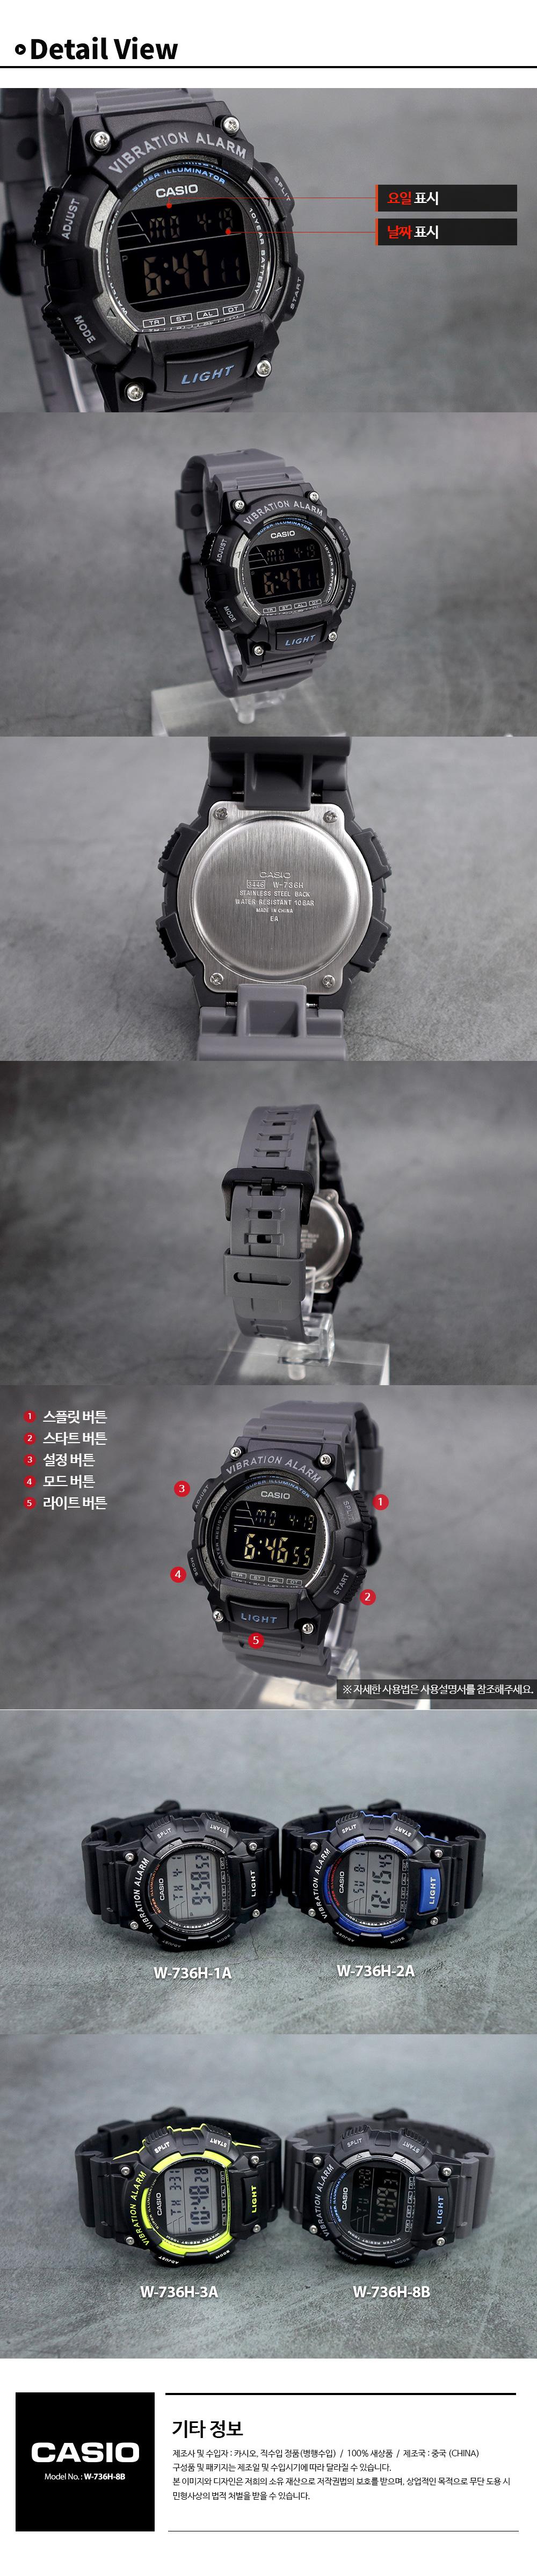 카시오(CASIO) 남성 군인 전자 디지털 방수 시계 W-736H-8B